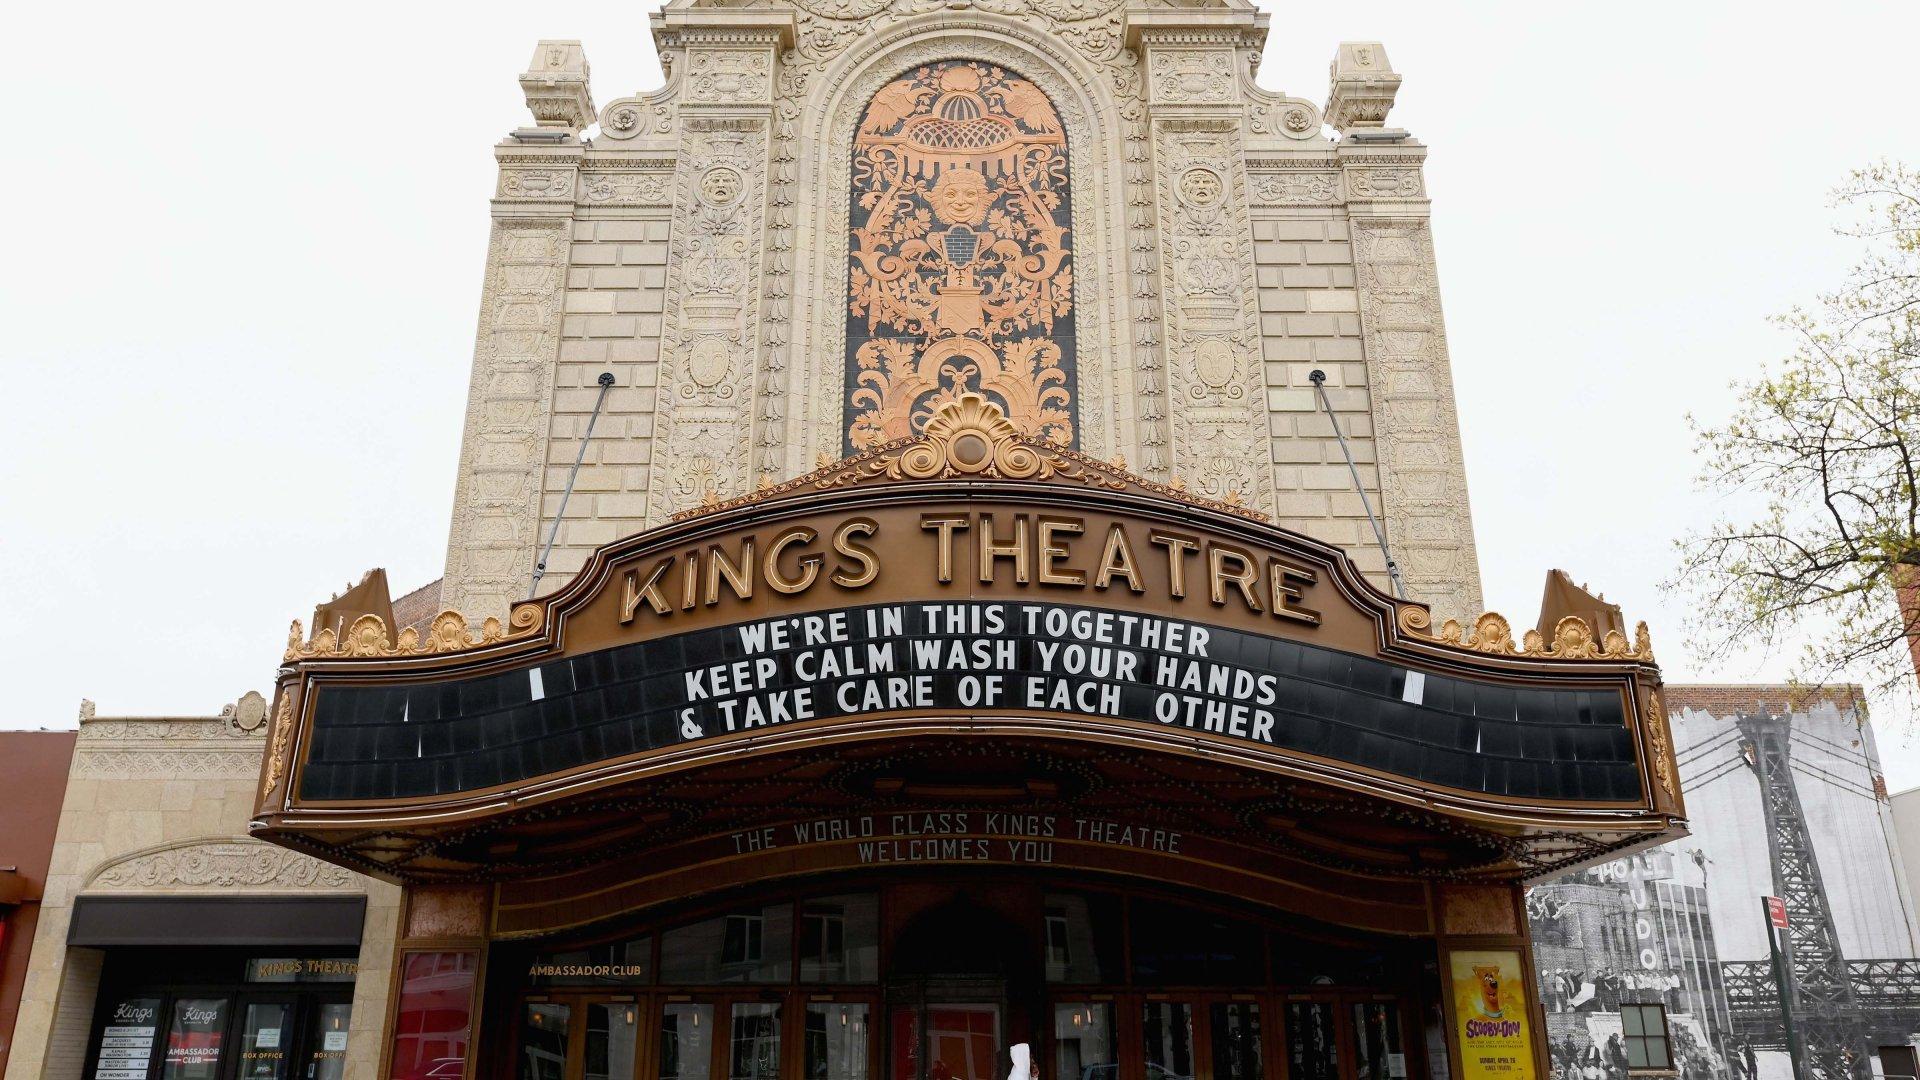 Kings Theater, Brooklyn.